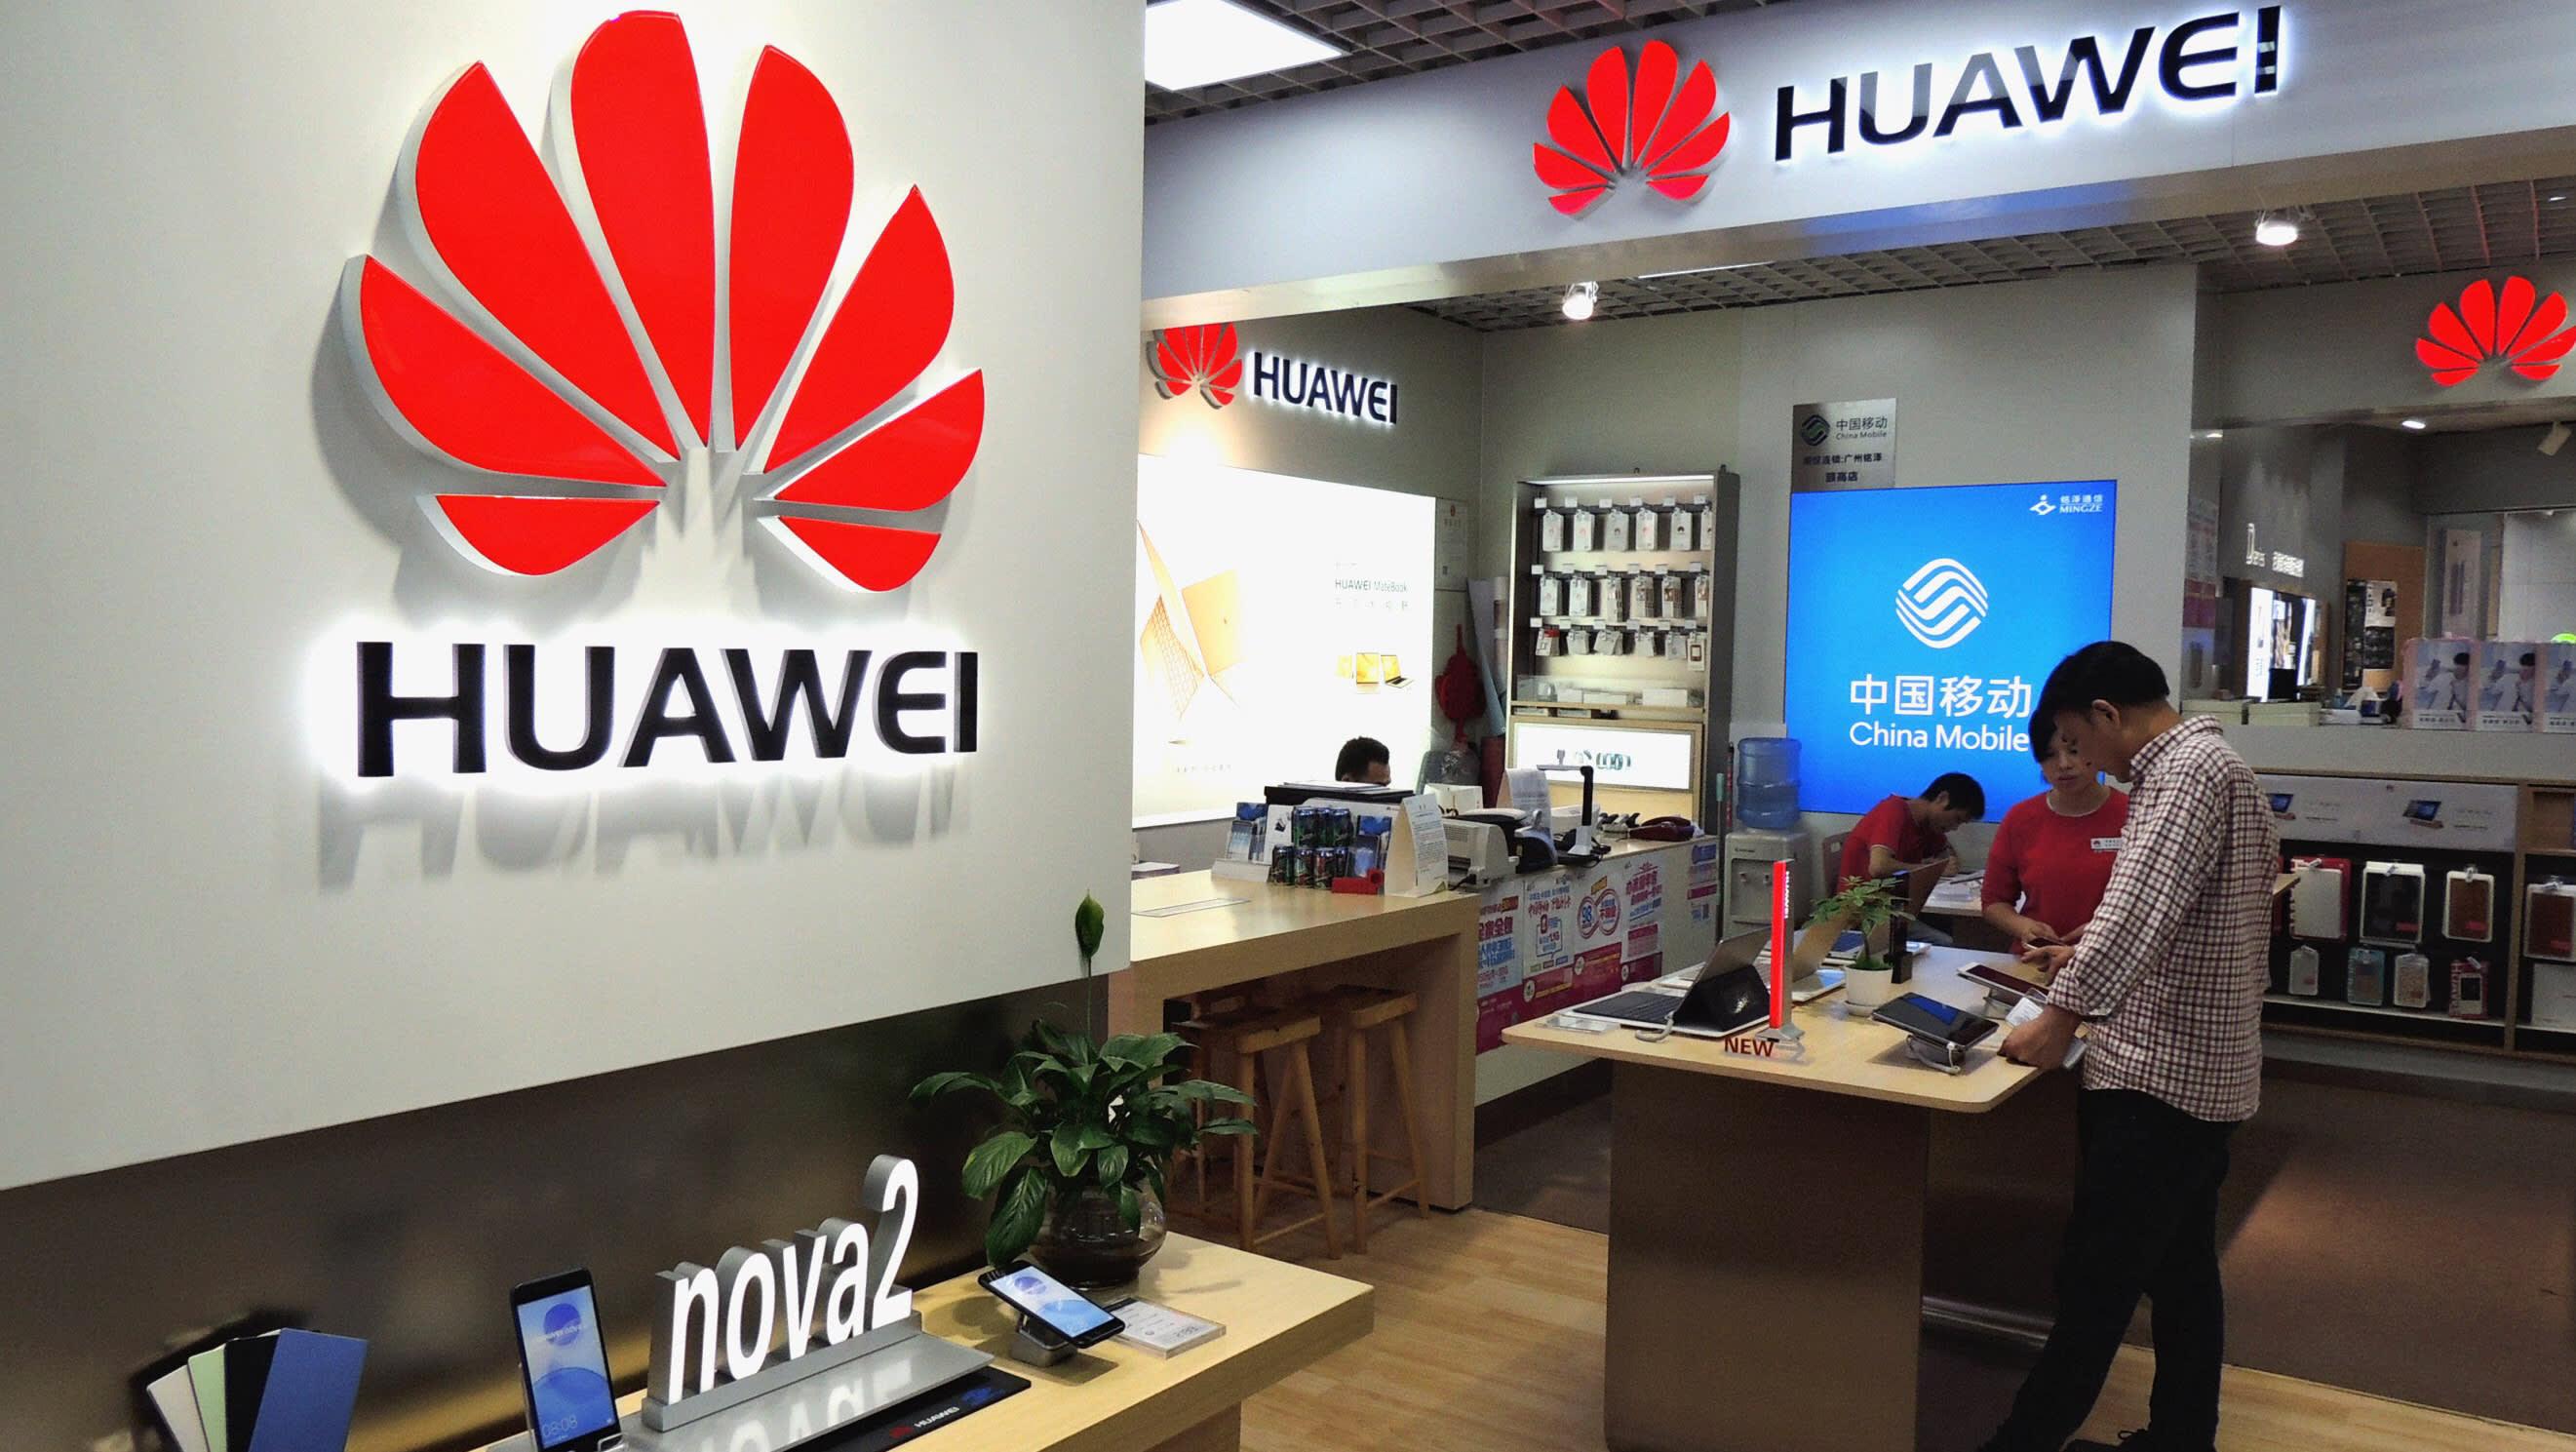 Уряд Великобританії вивчить діяльність компанії Huawei на тлі розробки плану зі скорочення присутності китайської корпорації в країні.